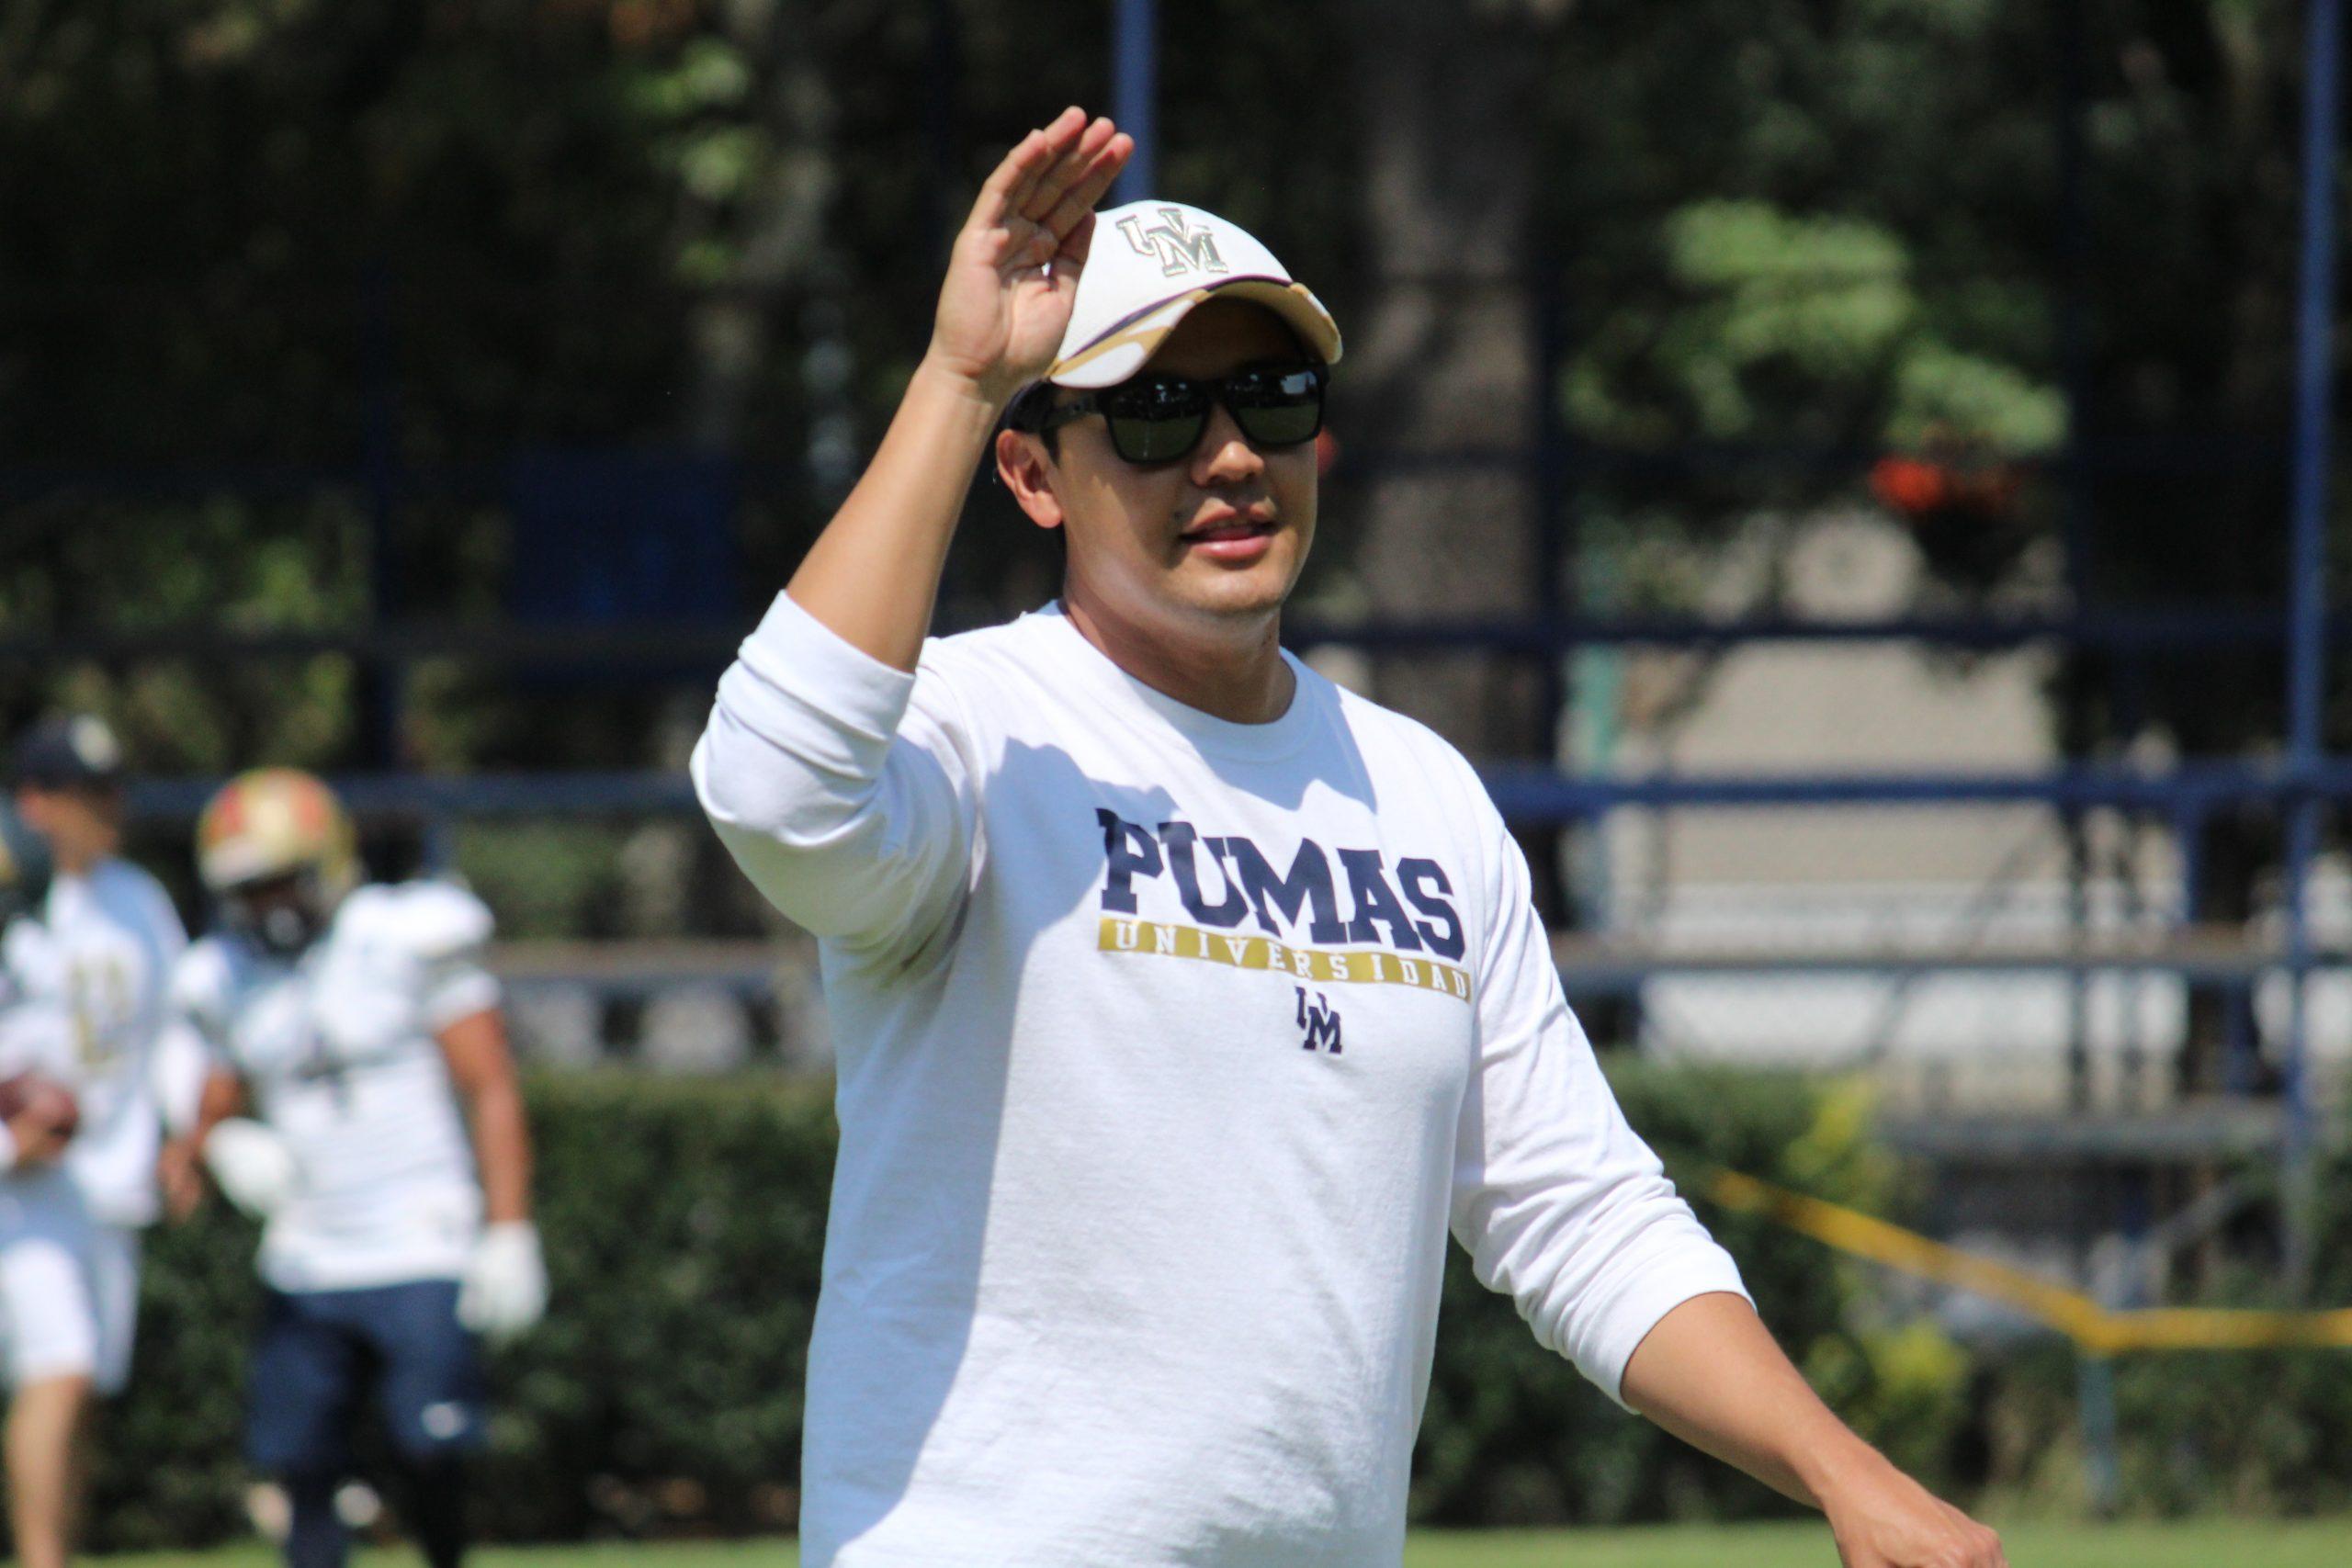 Jose Luis Canales - Pumas CU UNAM Grecia Rodriguez 2